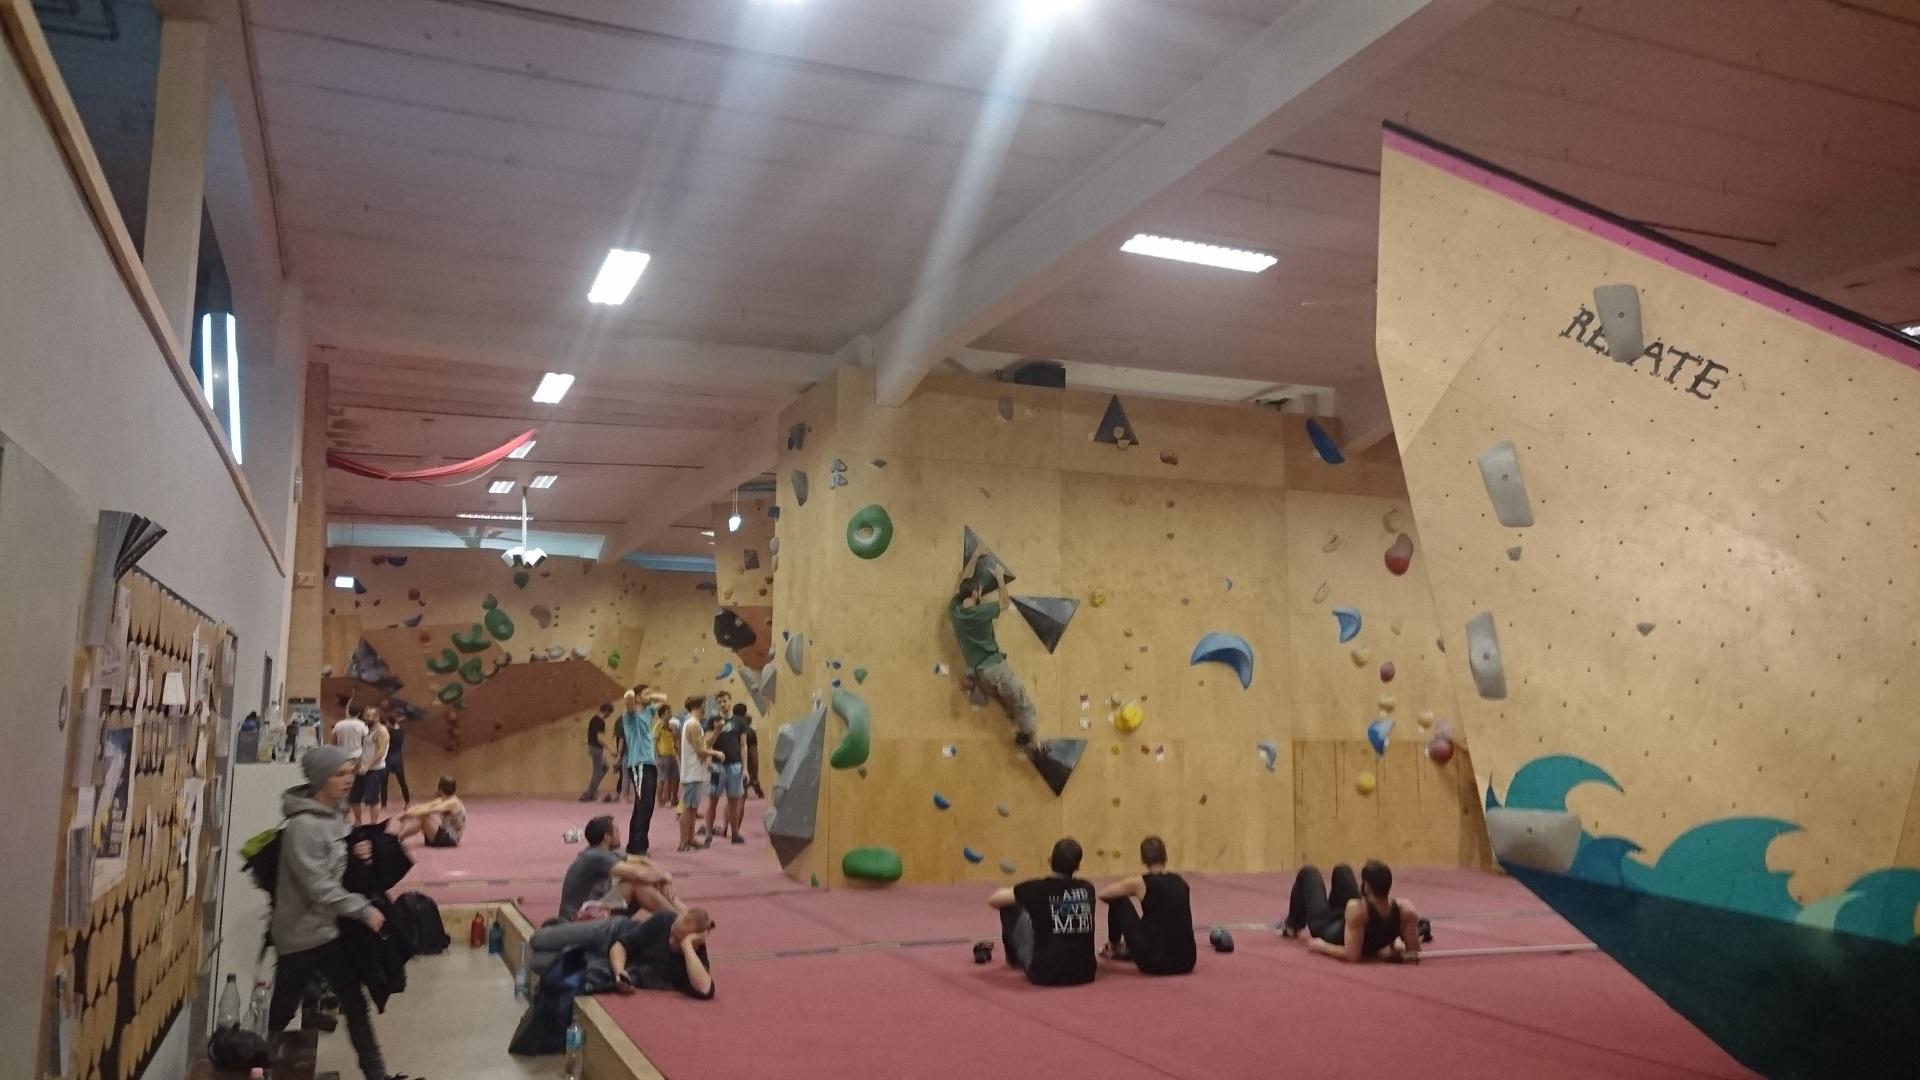 Boulderklub Kreuzberg i Berlin. Bli inte skrämd av plywooden. Här har vi duktiga ledbyggare och fin kvalité på greppen. Bra.